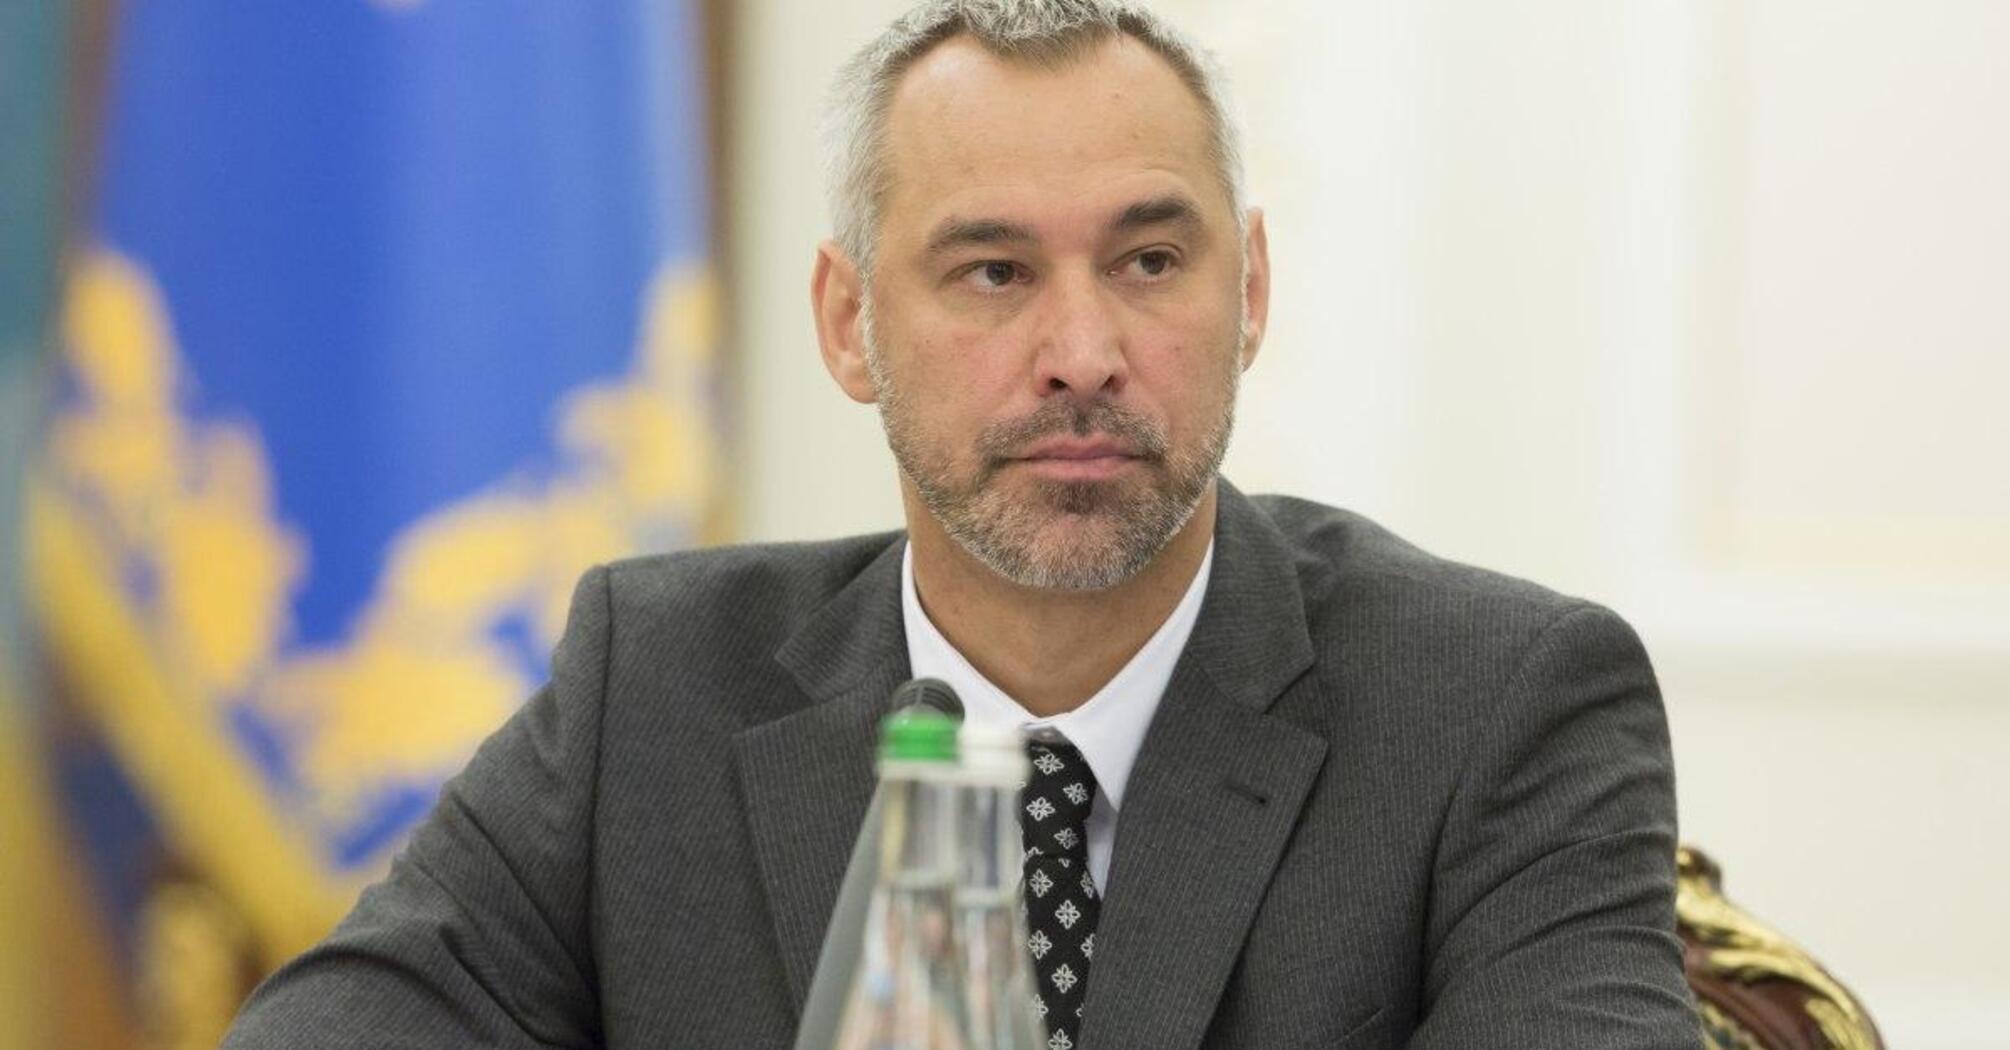 Дело о бронежилетах: Рябошапка мог убрать прокуроров, которые должны были вручить подозрение экс-замглавы Минобороны Шевчуку